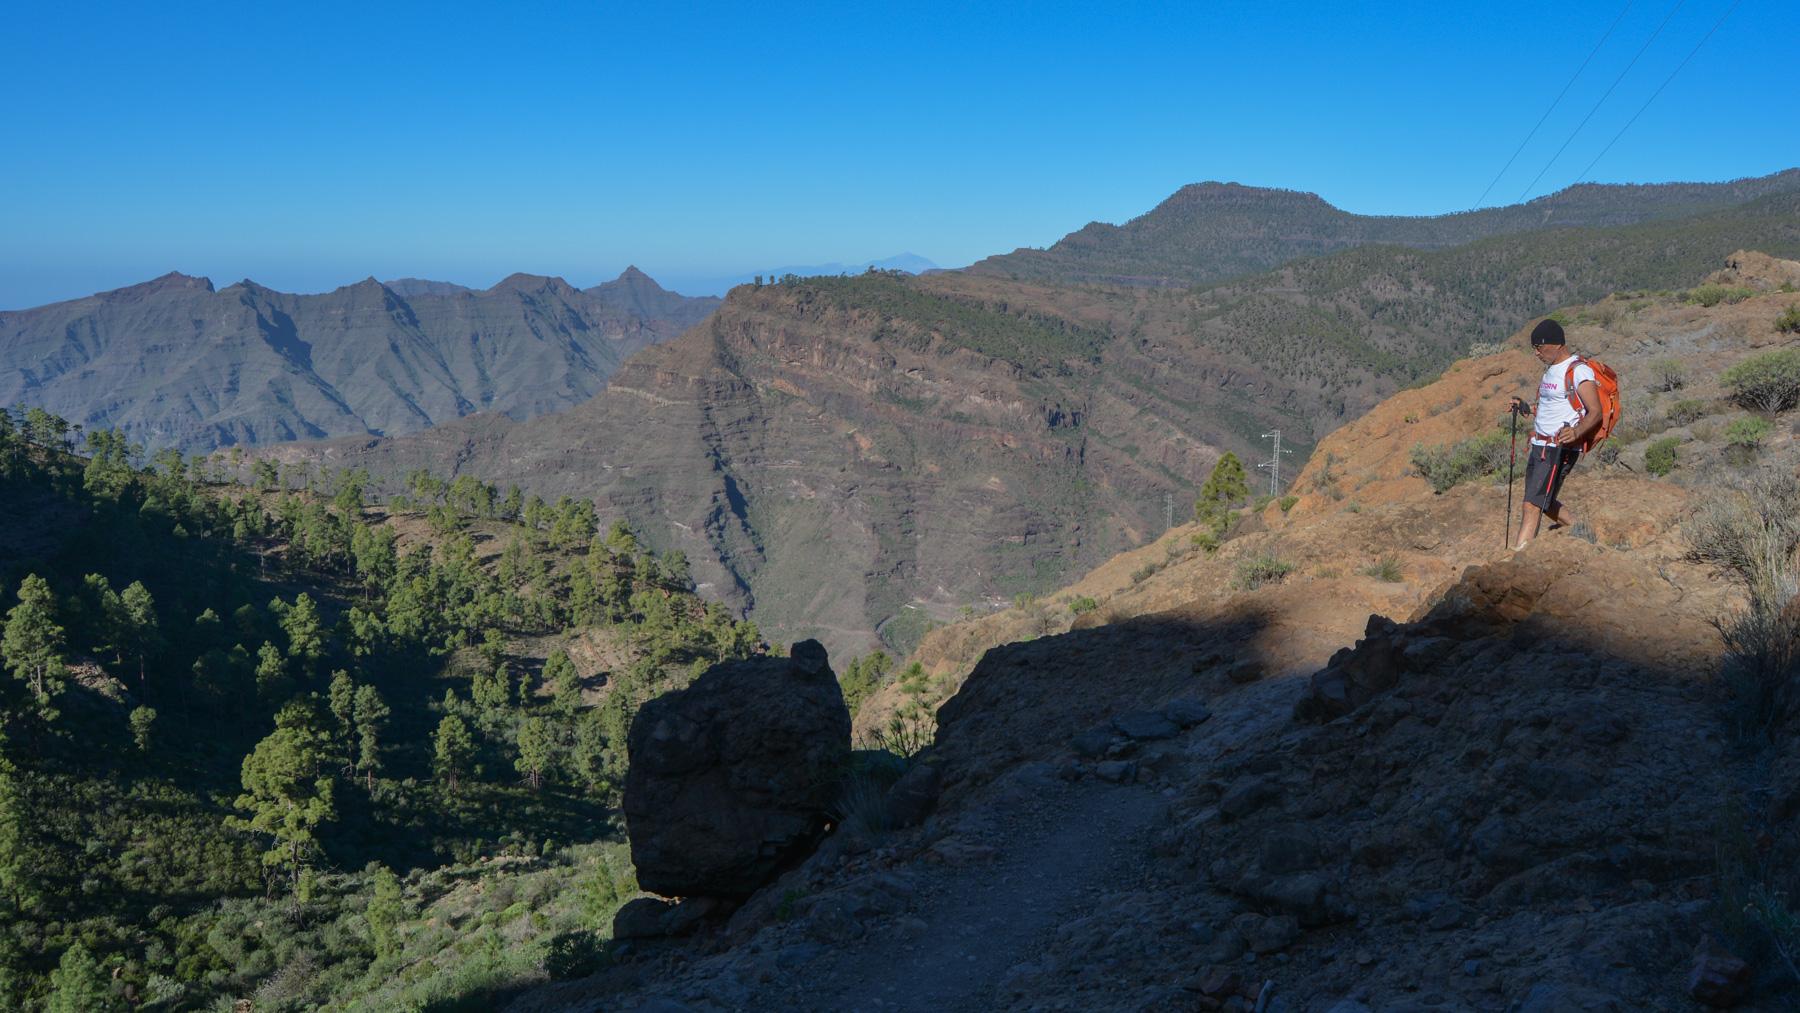 Montaña de Tauro, Gran Canaria, Espagne 17